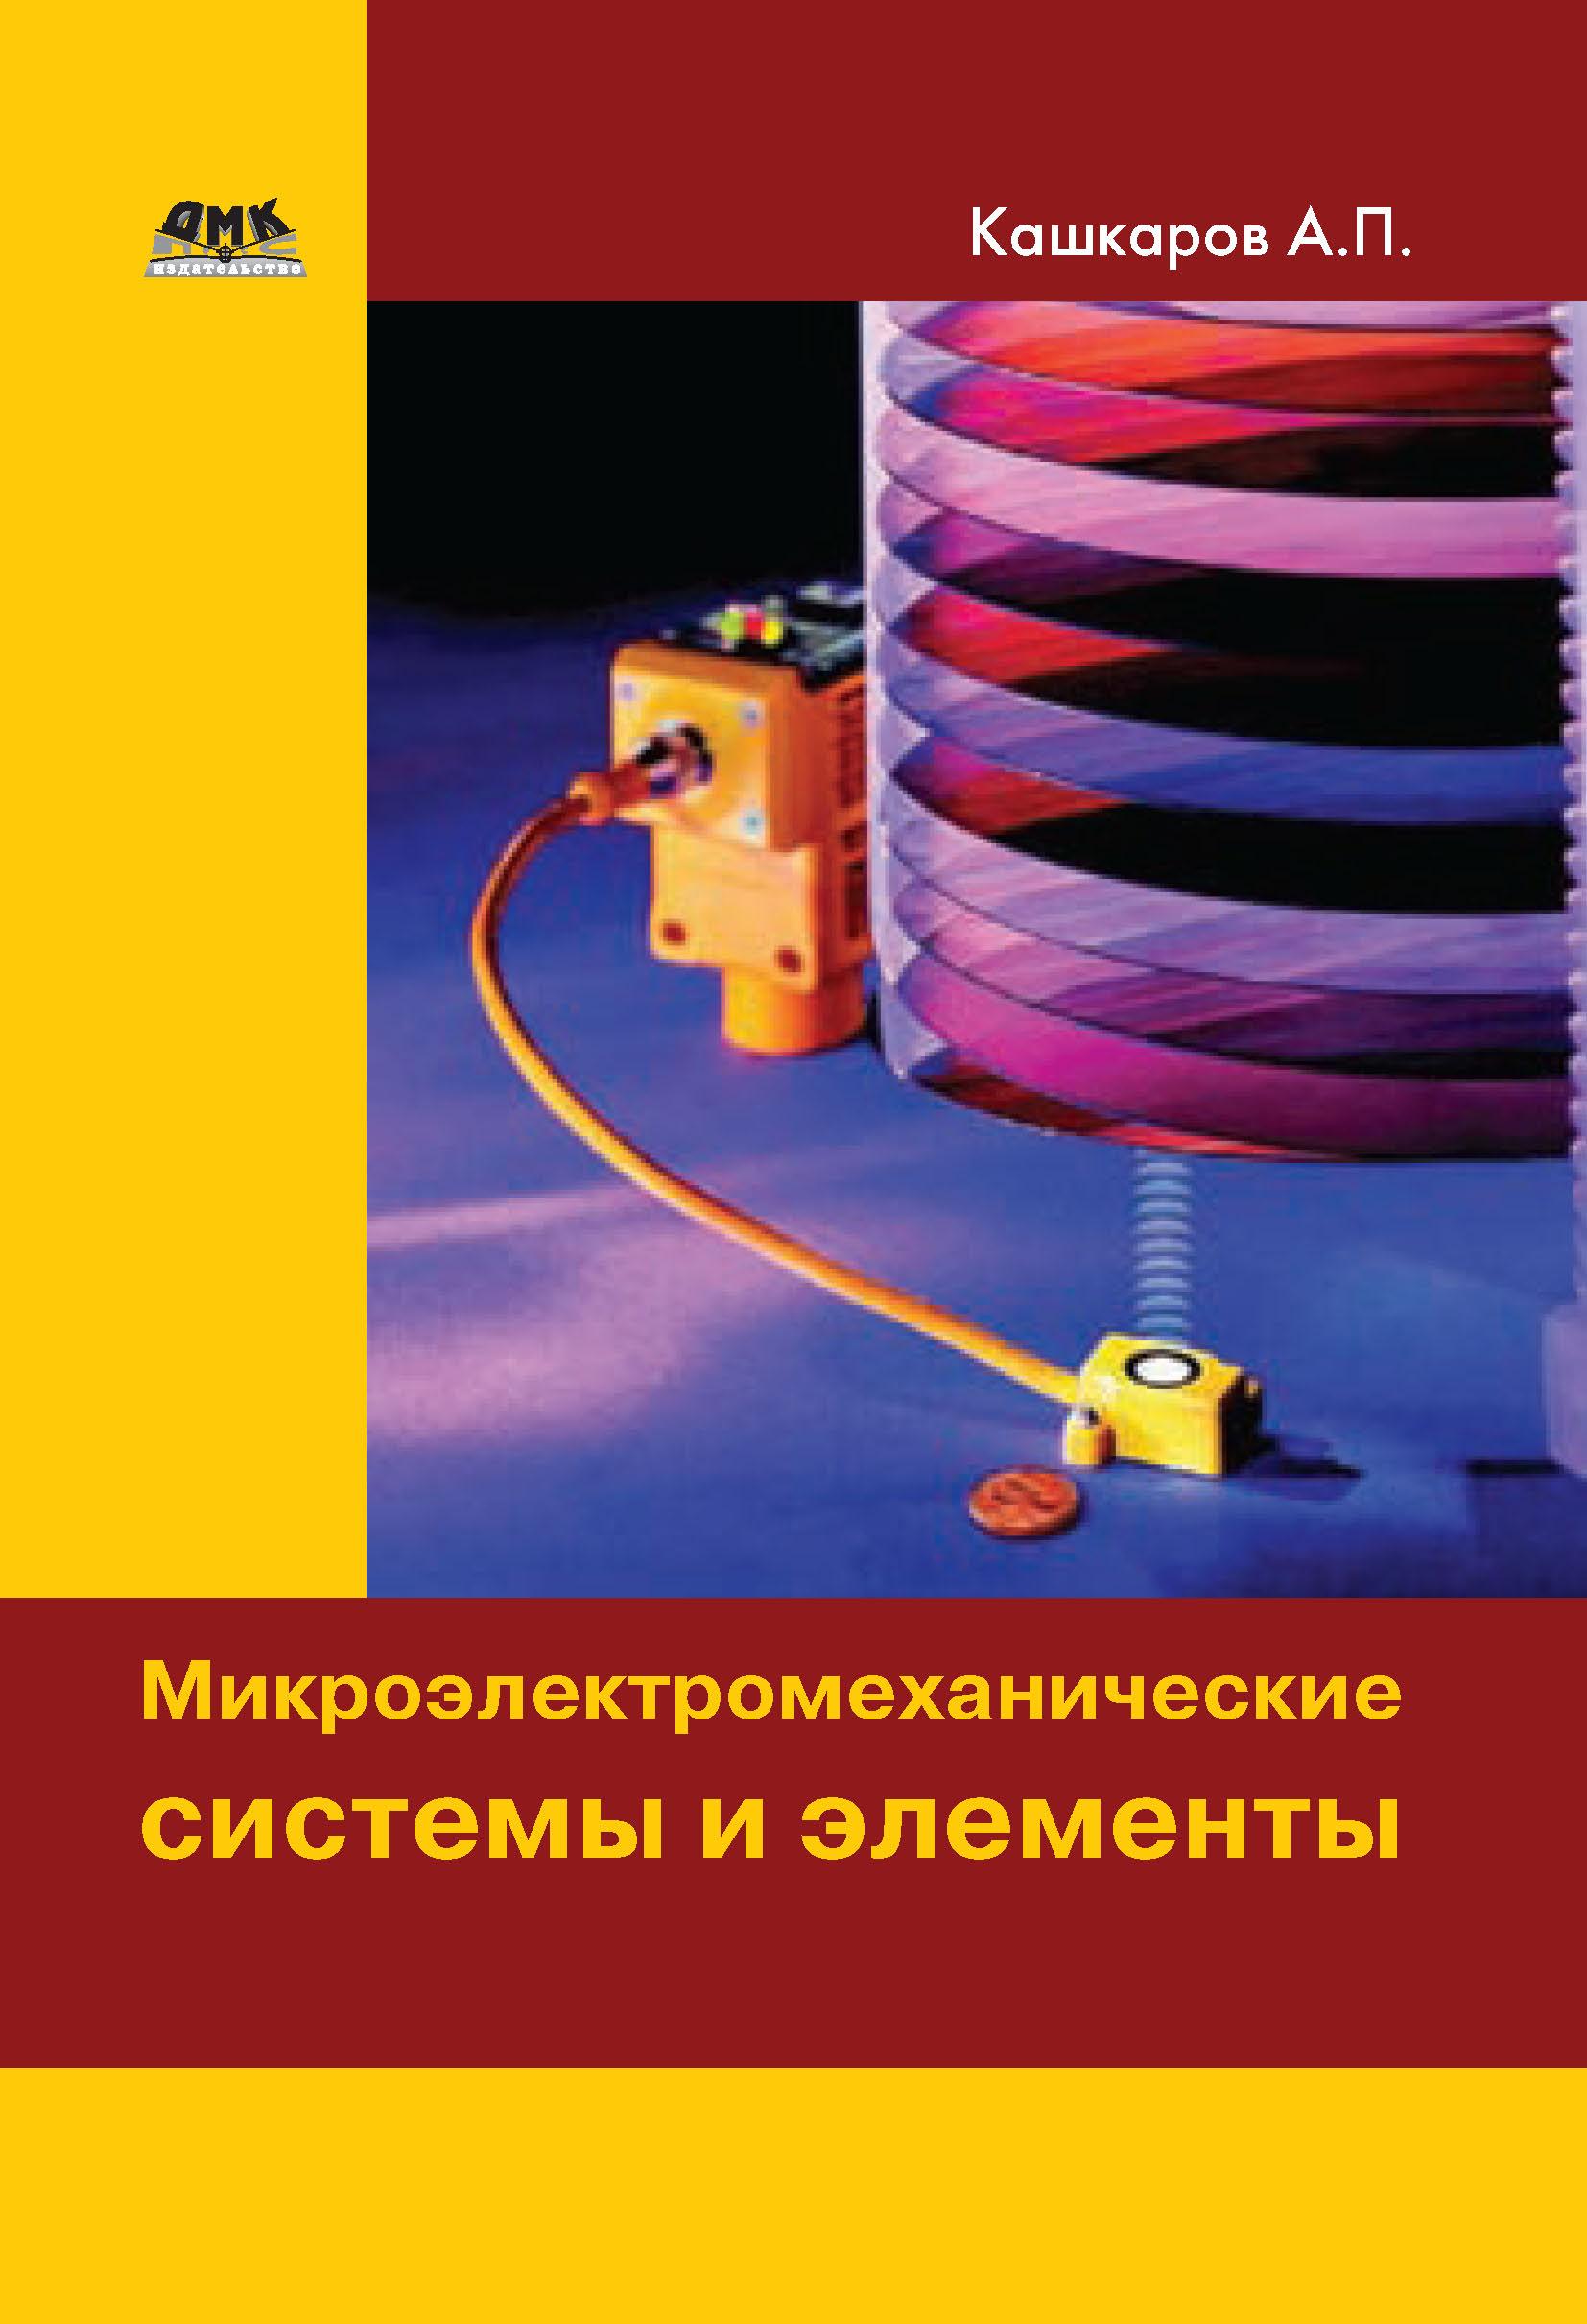 Андрей Кашкаров Микроэлектромеханические системы и элементы андрей кашкаров устройства импульсного электропитания для альтернативных энергоисточников